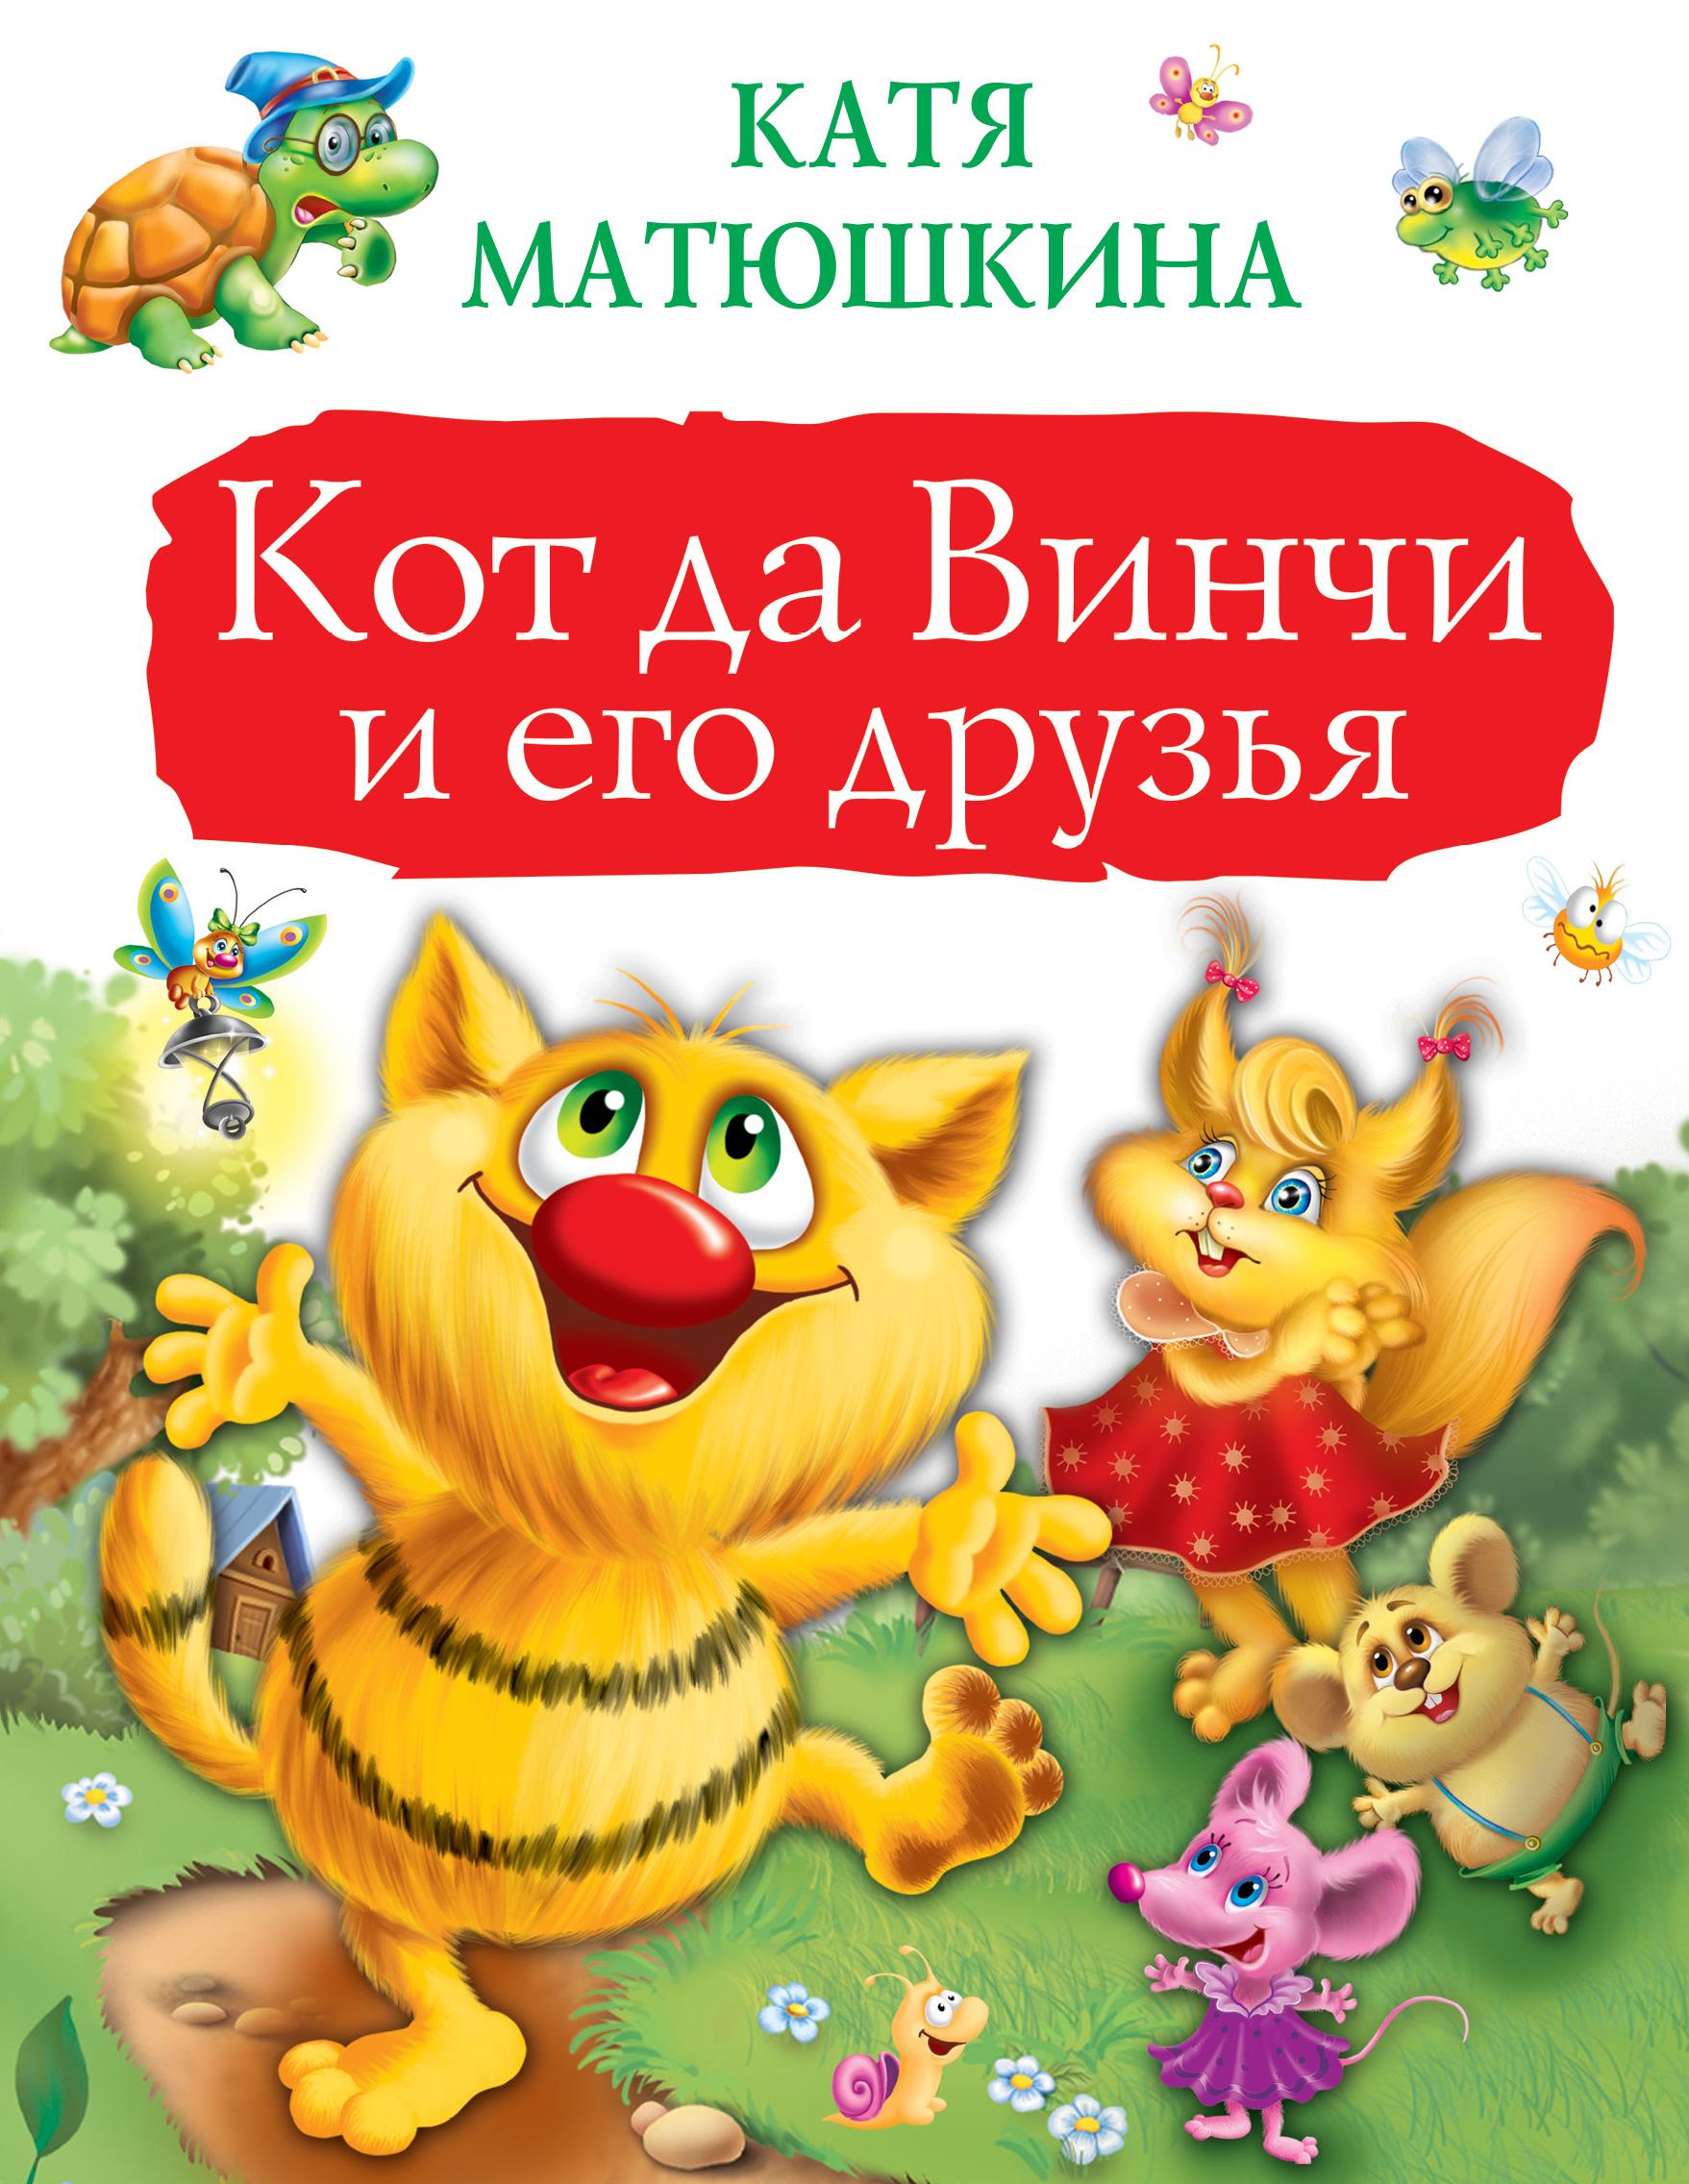 Катя Матюшкина Кот да Винчи и его друзья катя матюшкина кот да винчи улыбка анаконды